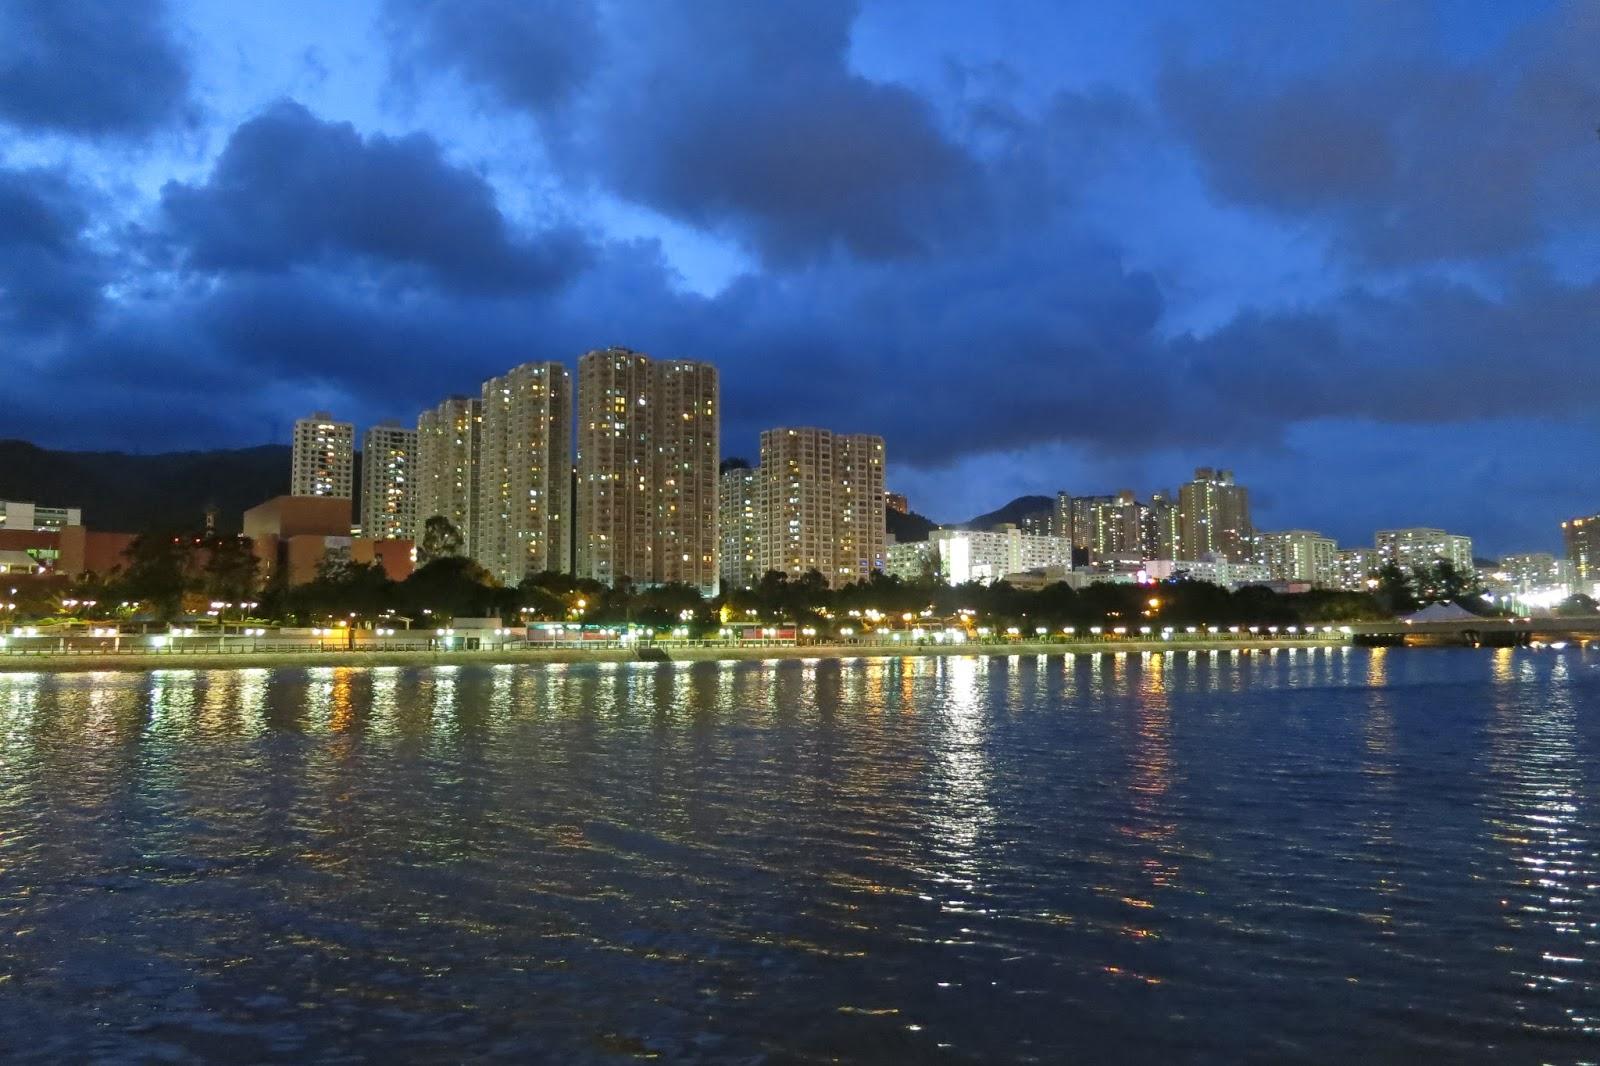 外國月亮: 城門河的日與夜